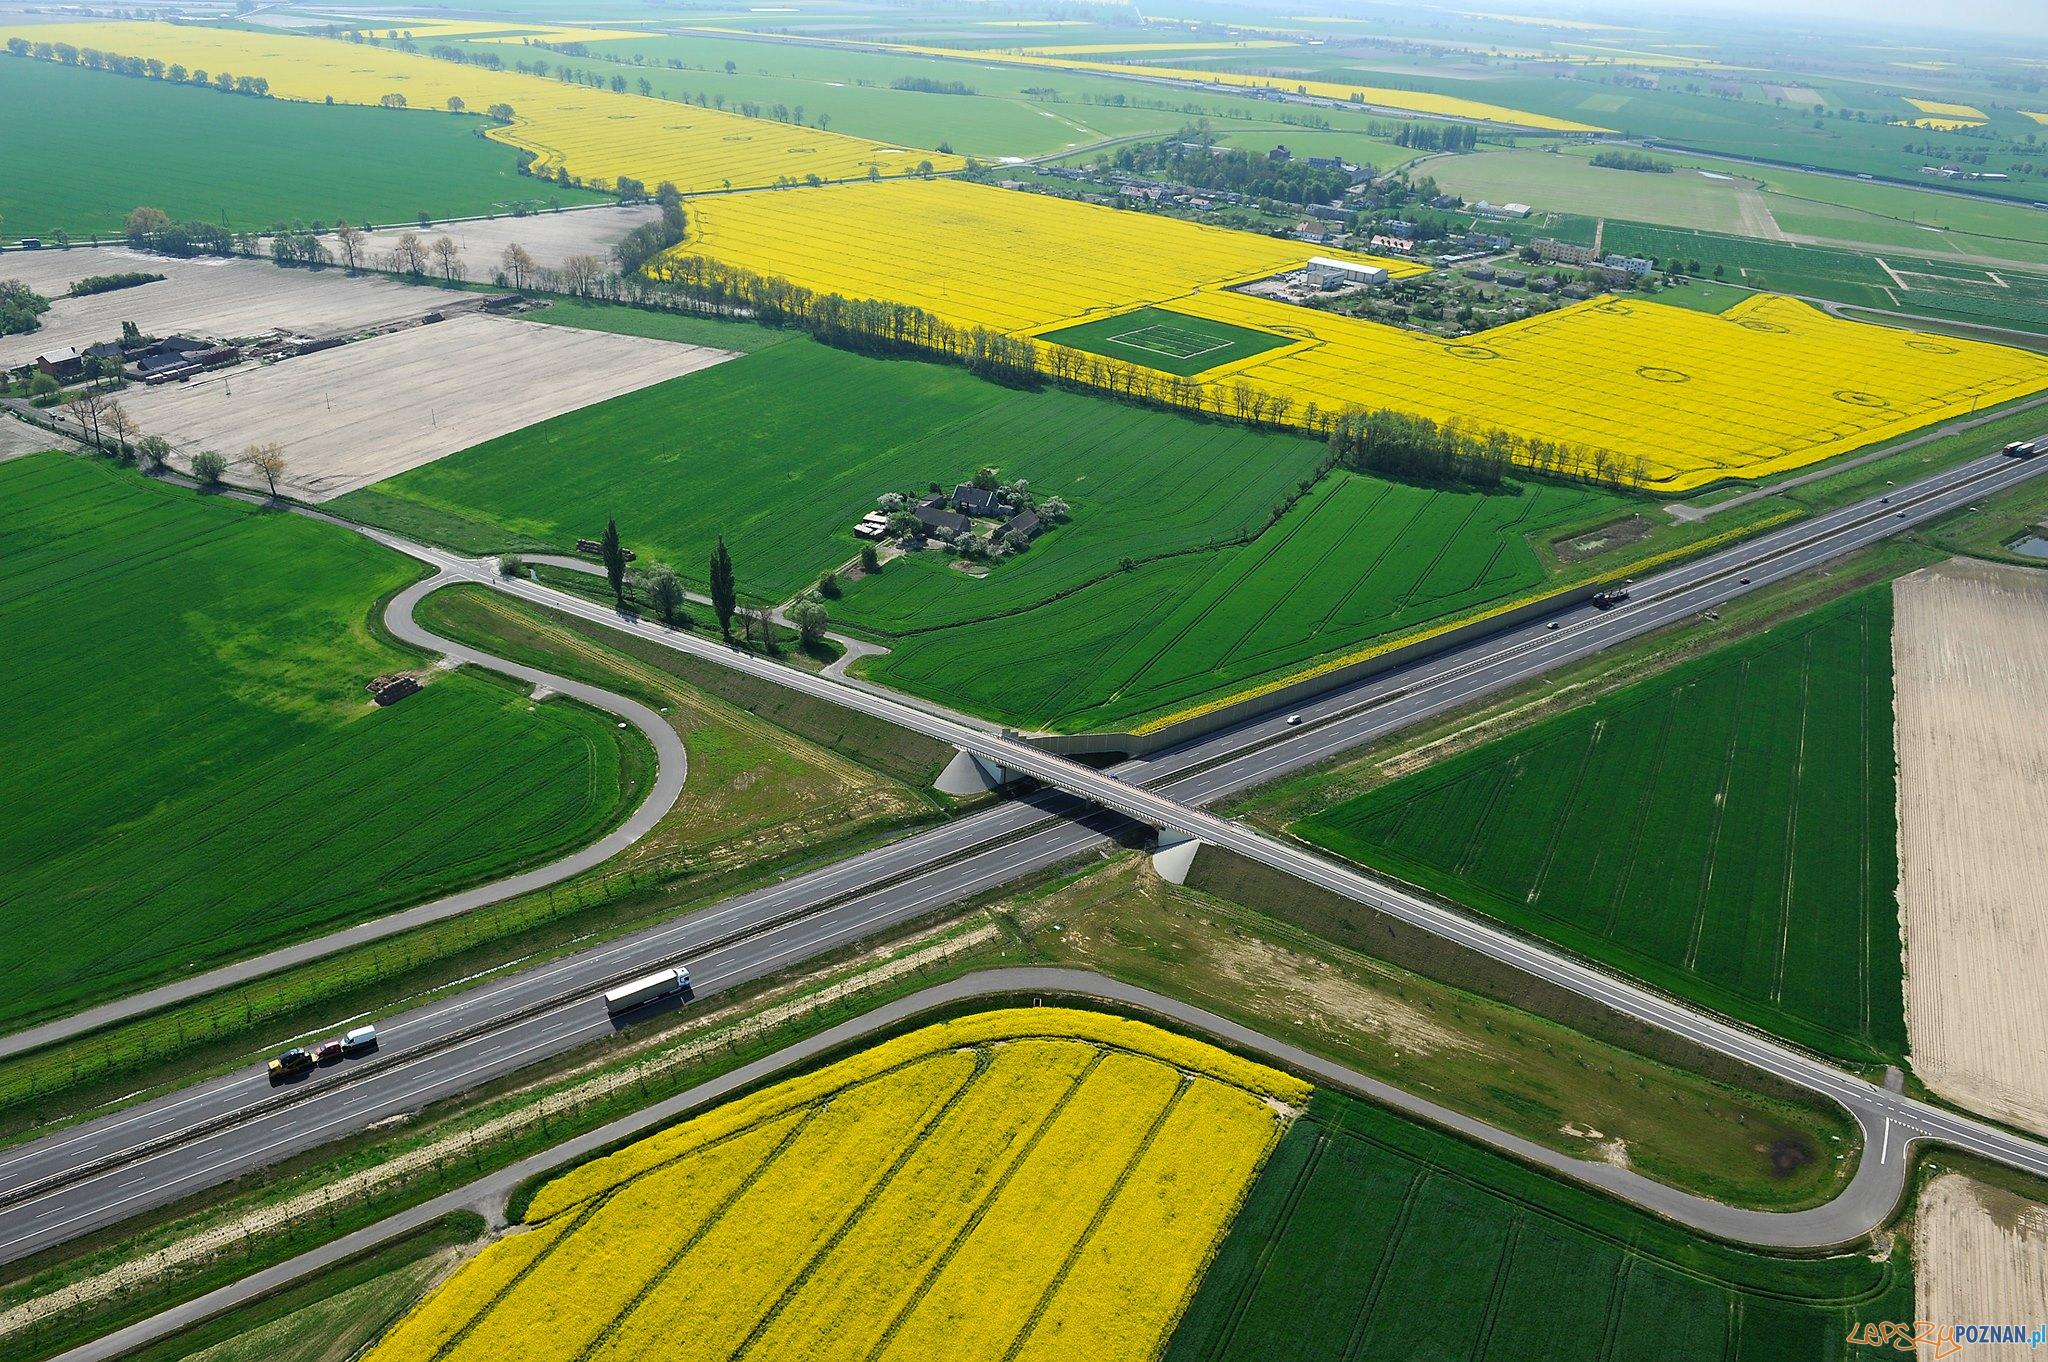 Droga wojewódzka - zdjęcie ilustracyjne  Foto: AEROFOTO  materiały prasowe